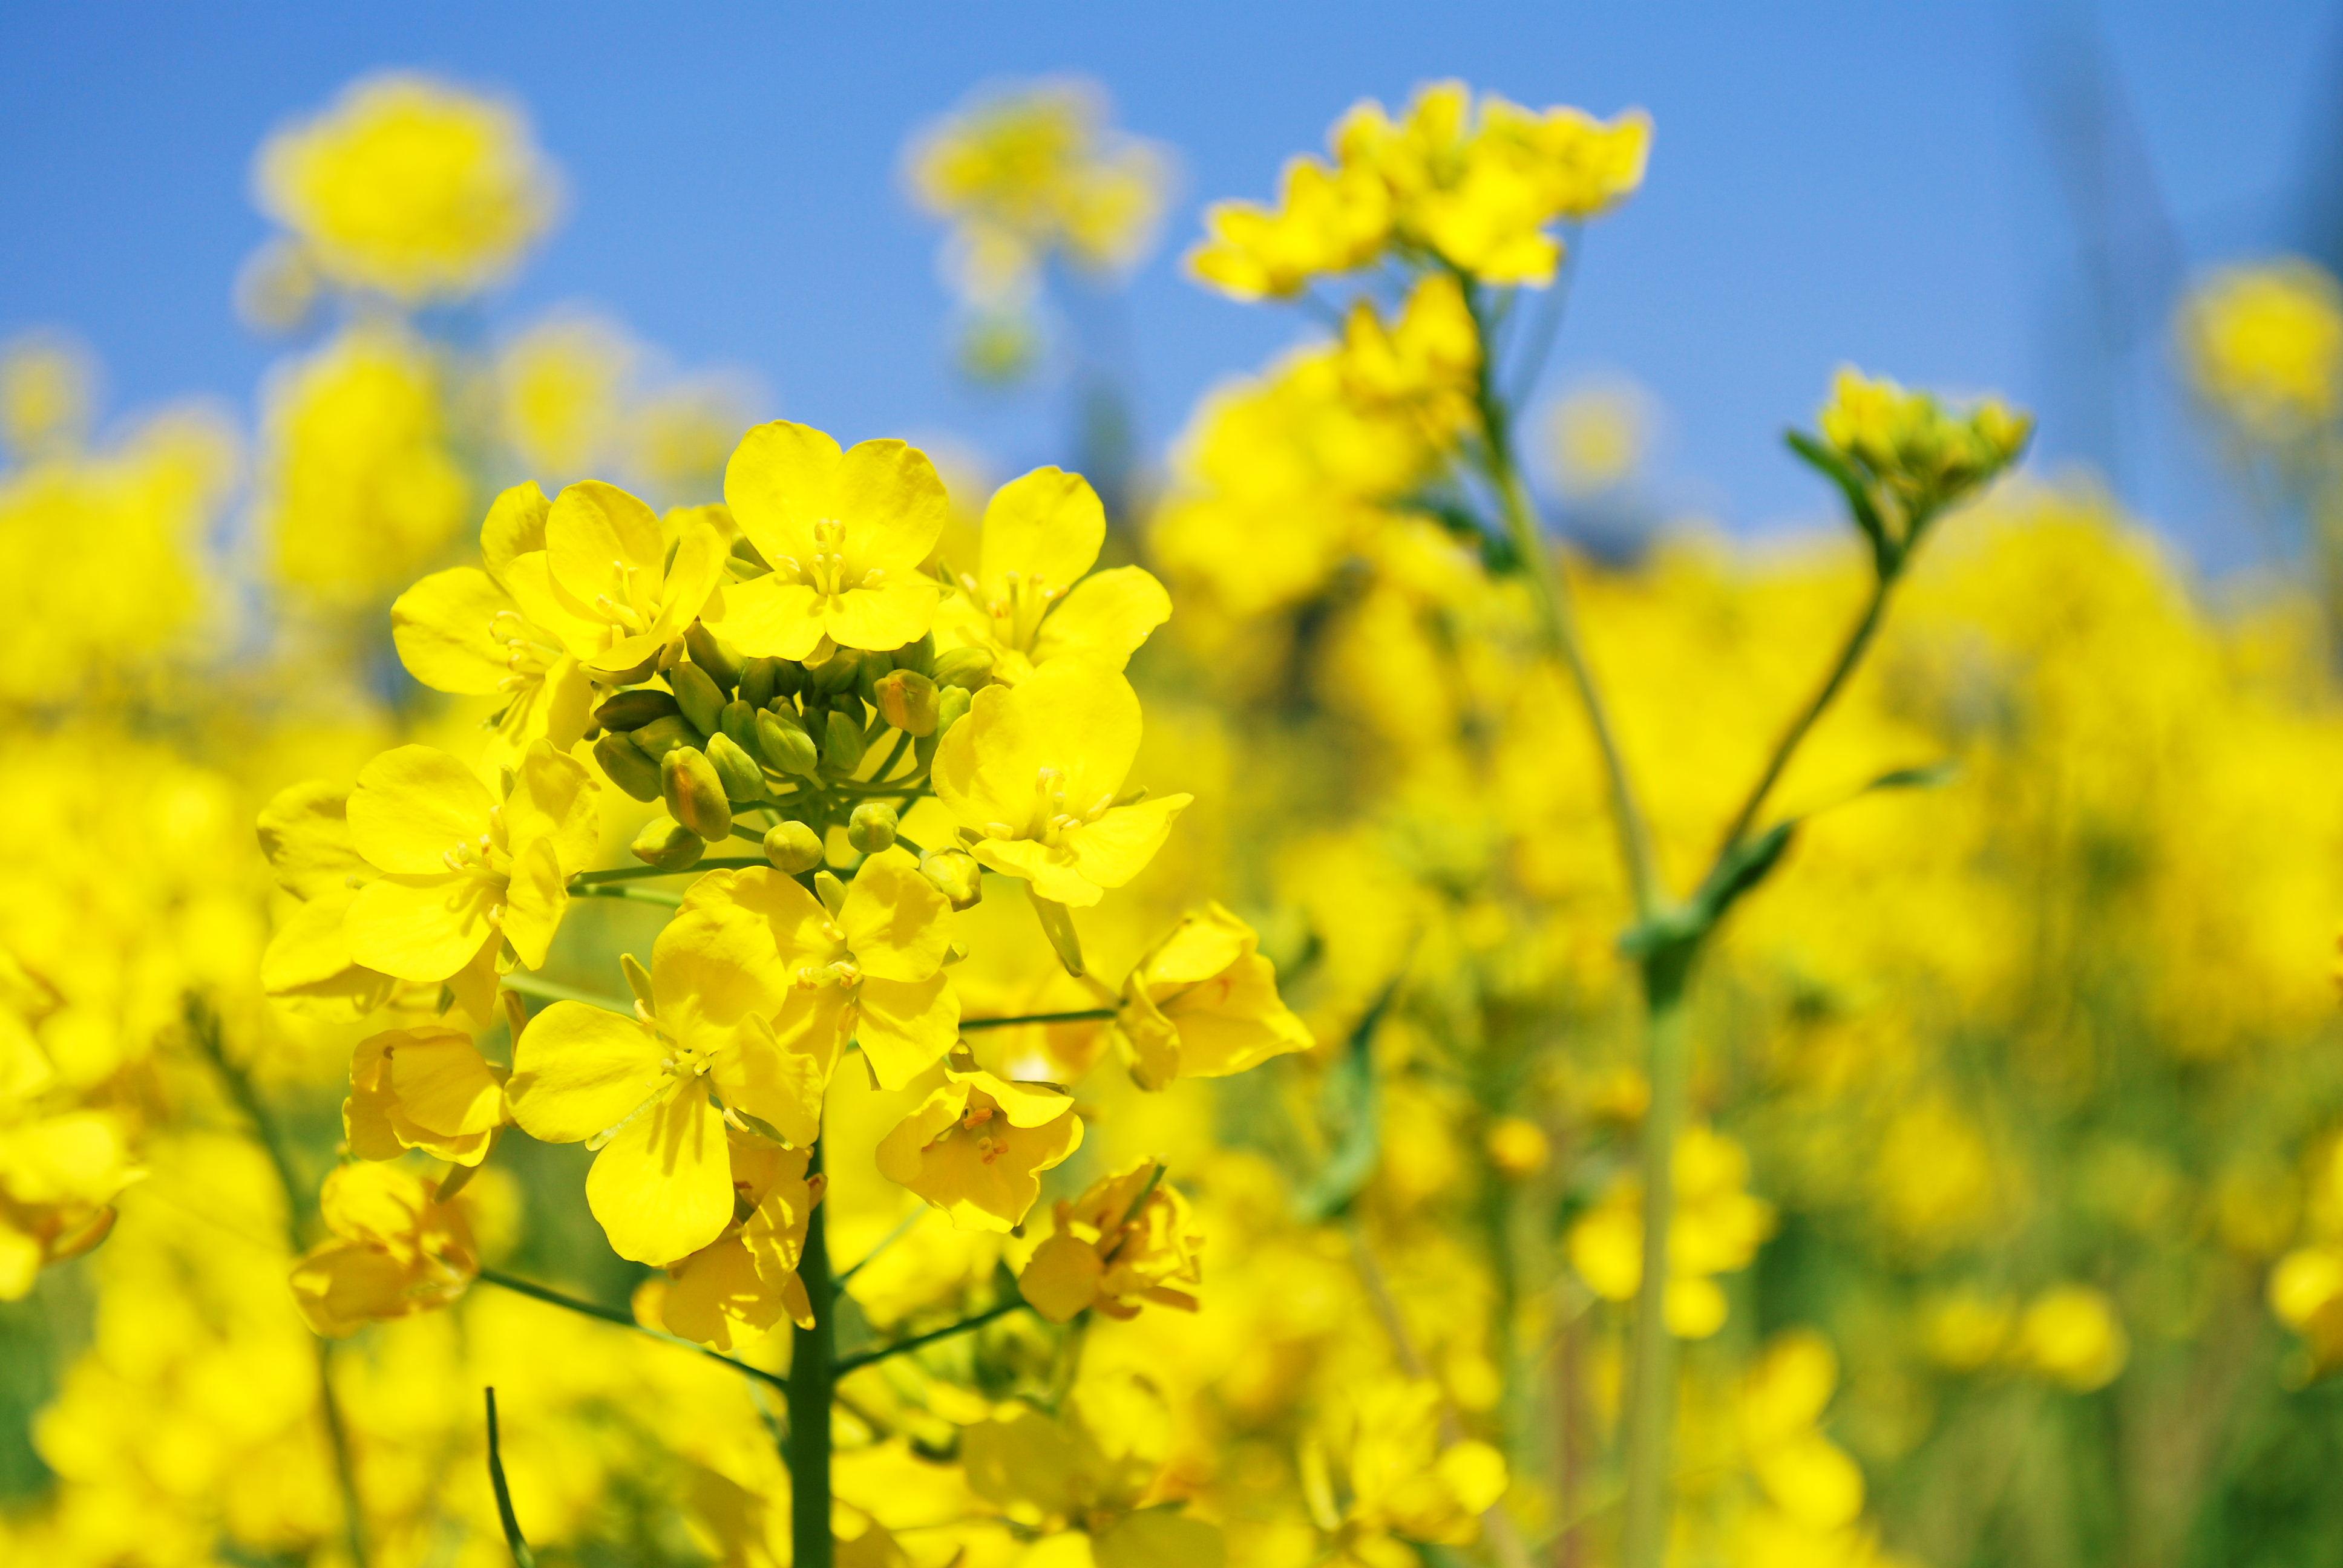 春に咲く黄色のかわいいお花!菜の花には栄養がギュッと詰まってる!のサムネイル画像